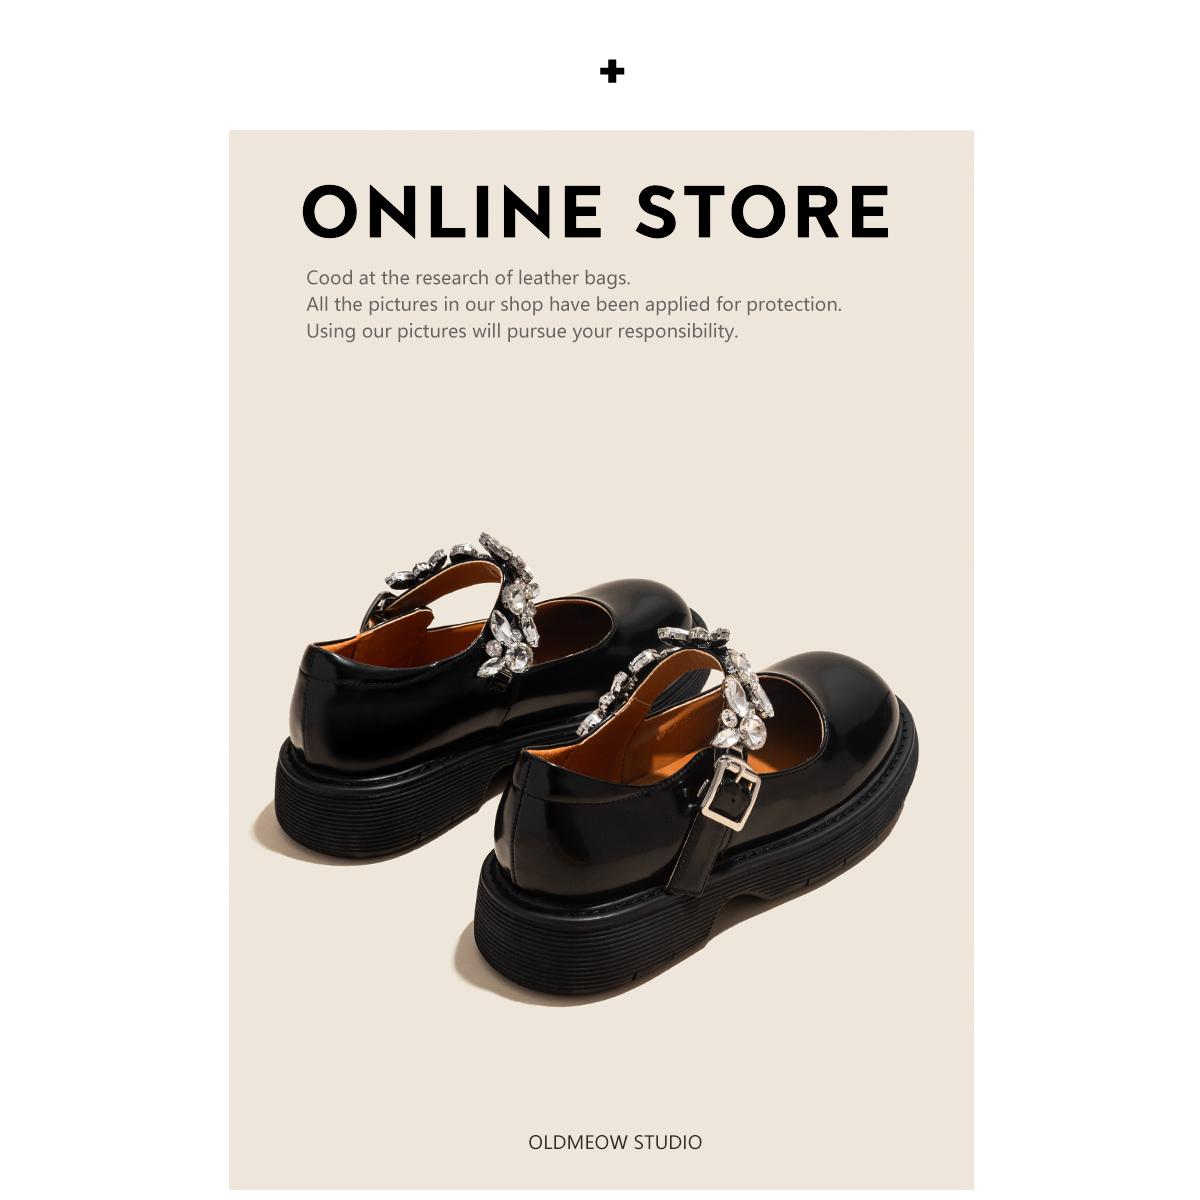 老喵的店2021新款真皮厚底女小皮鞋